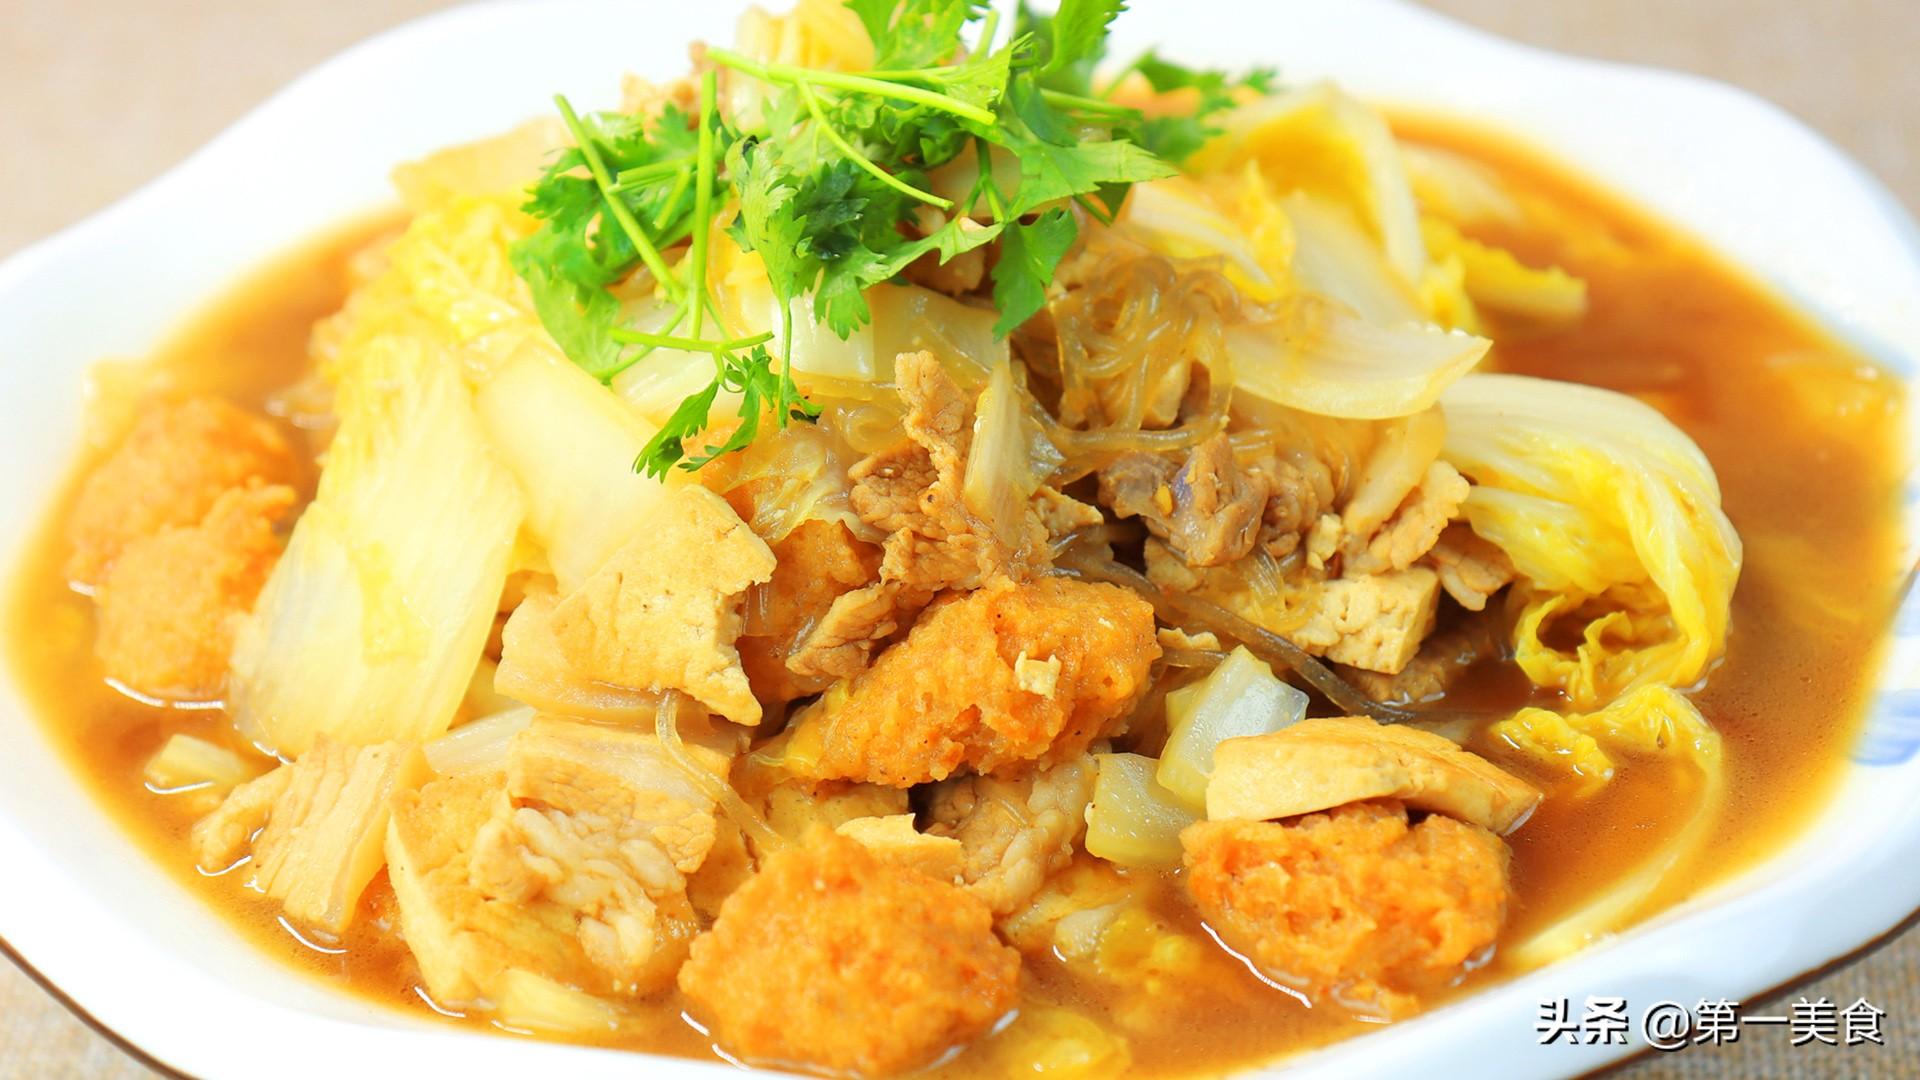 大烩菜怎样做才好吃,大厨分享做法和技巧,简单易学,美味又实惠 美食做法 第1张